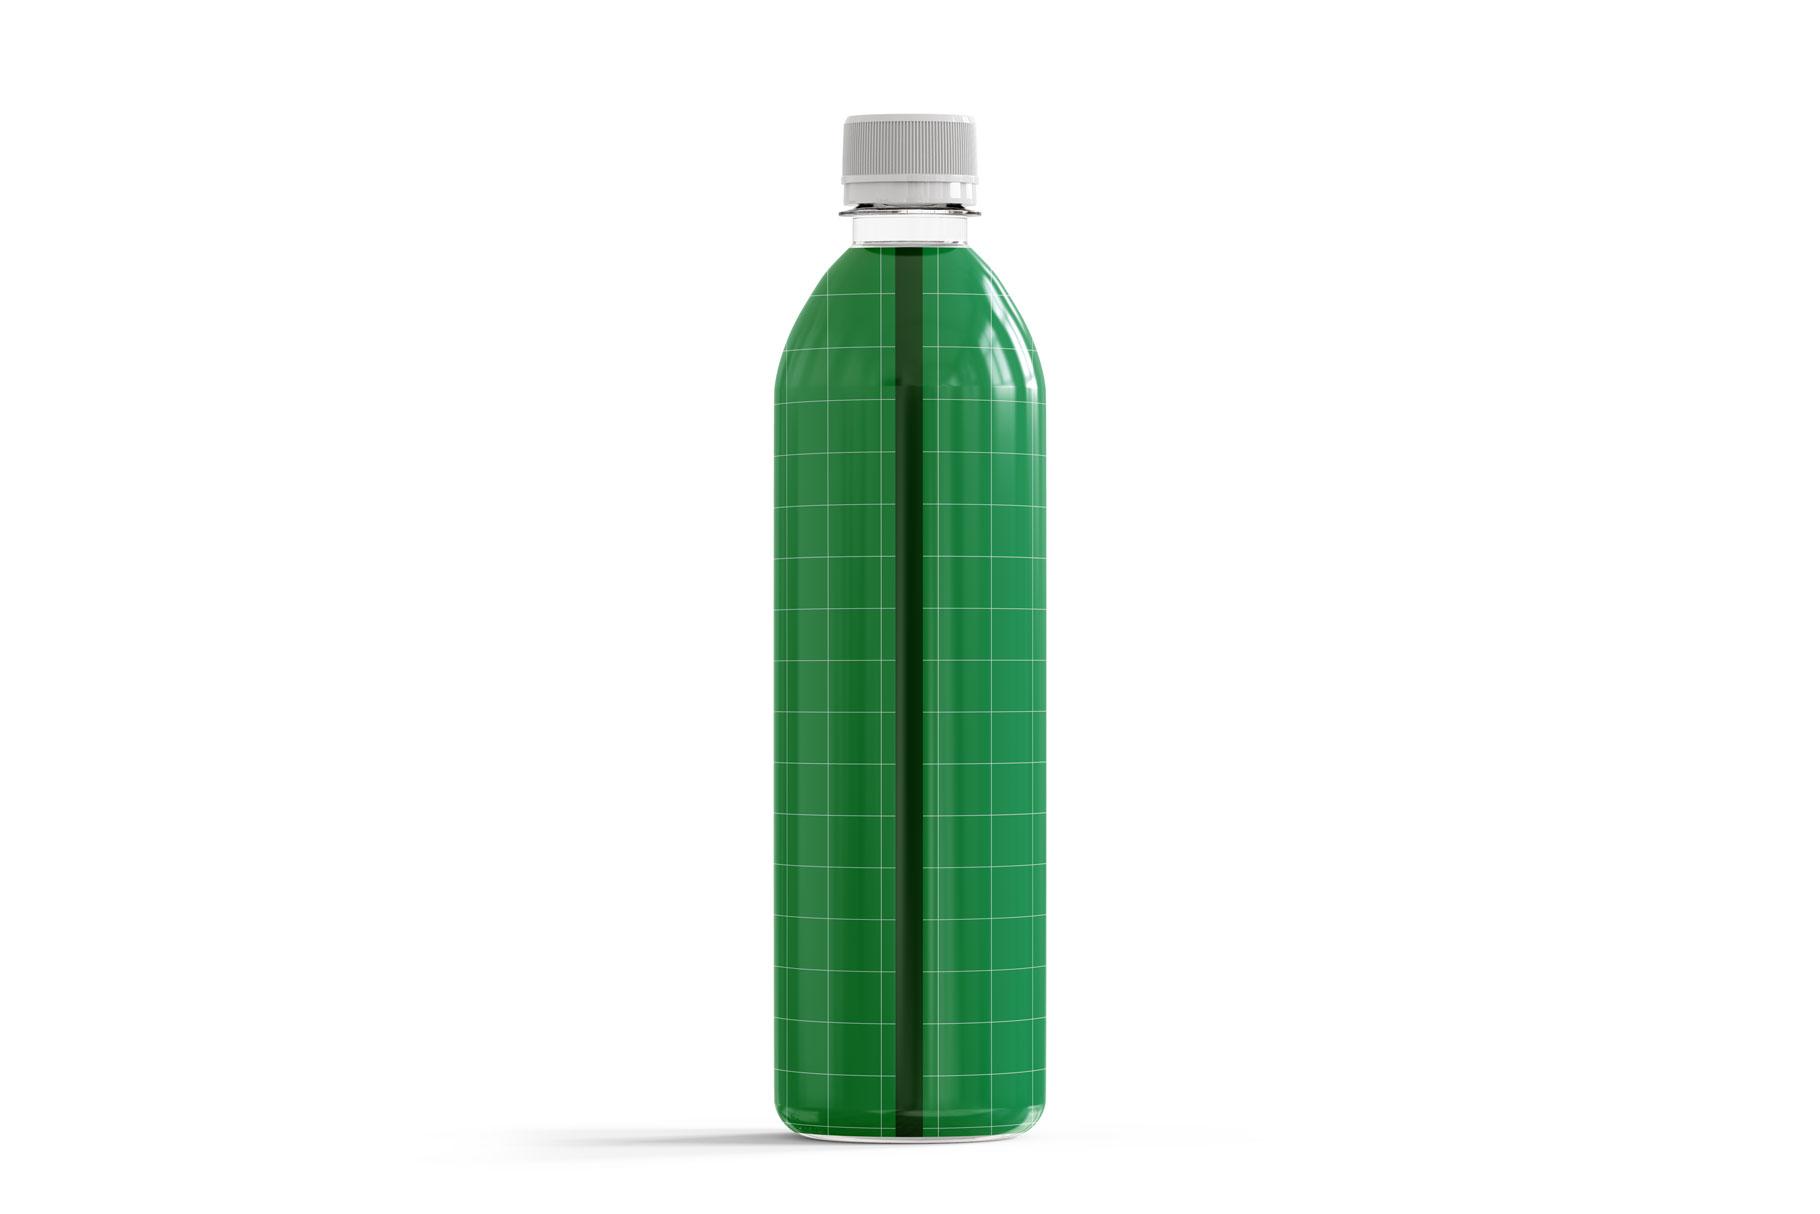 0,5L Iced Tea Bottle Mockup example image 3